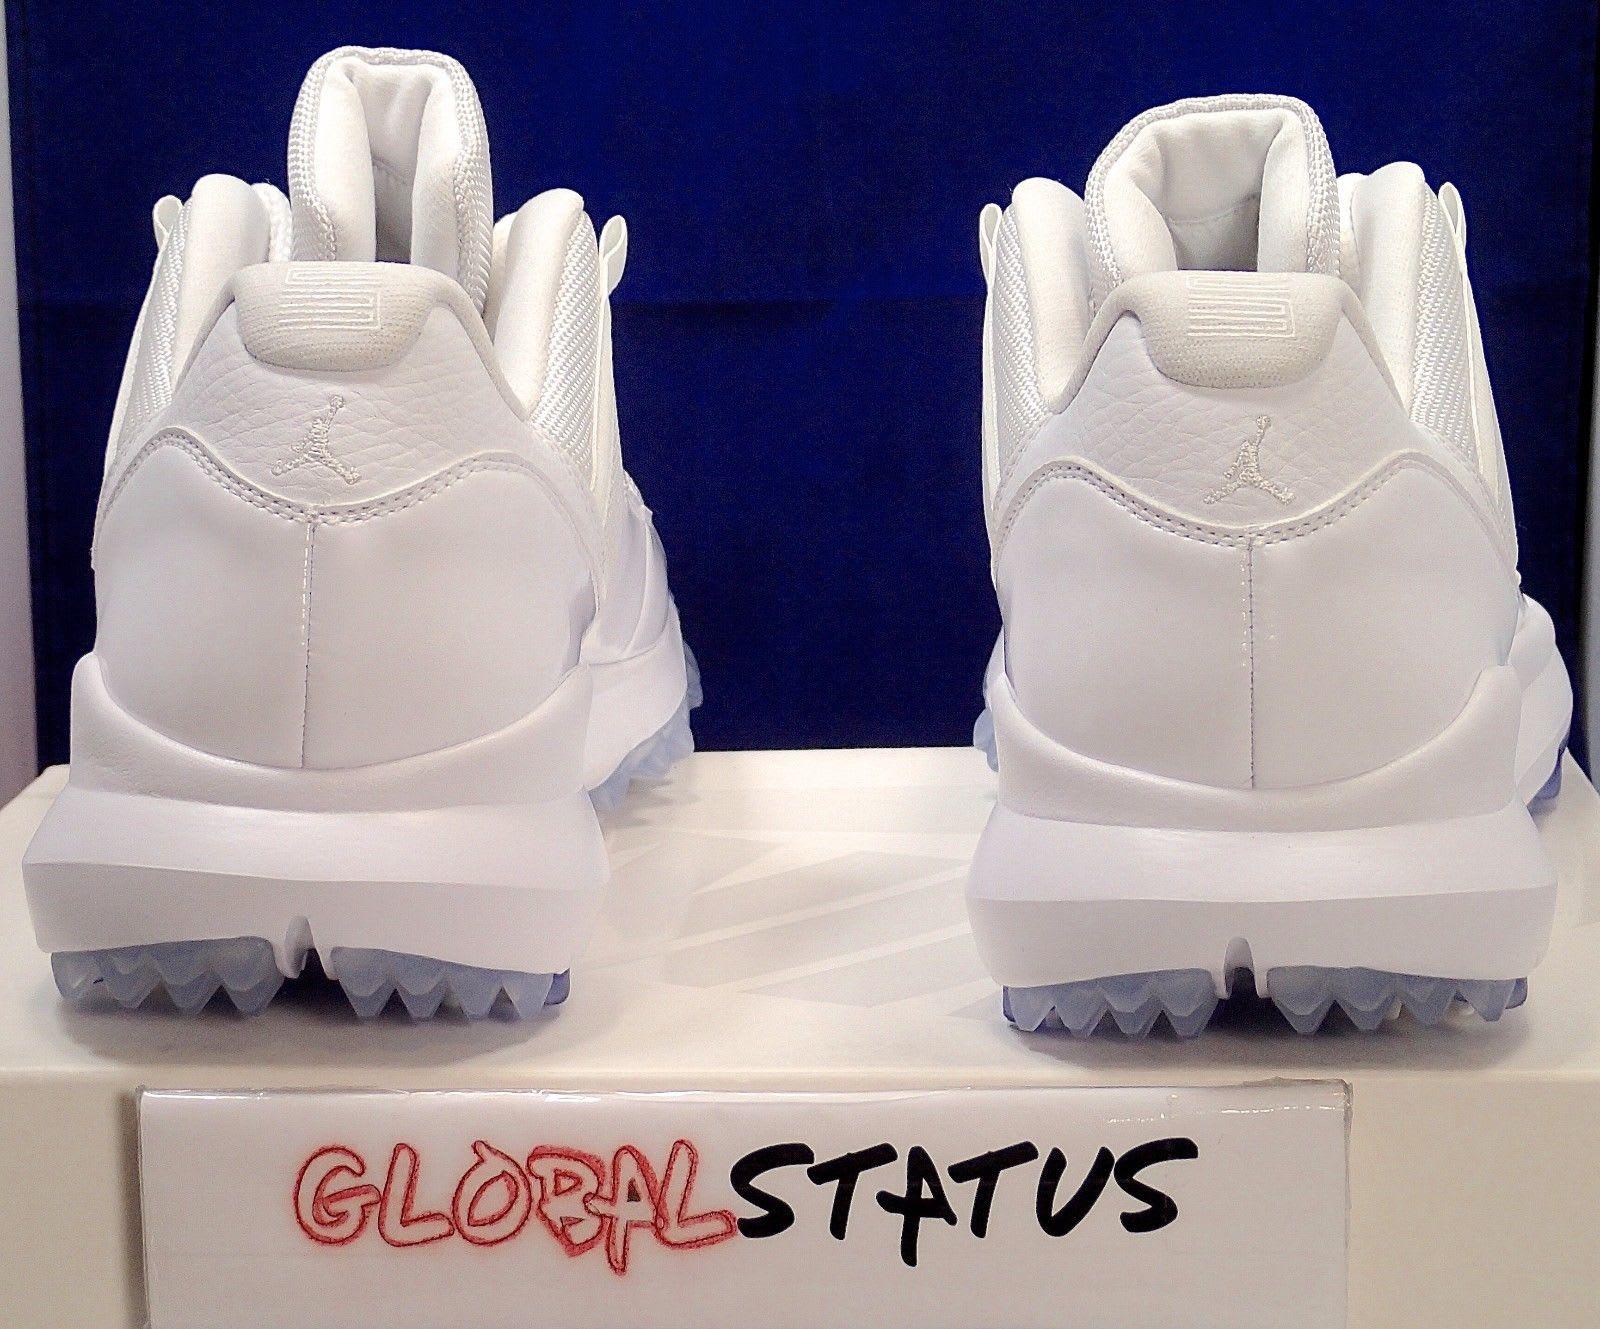 Air Jordan 11 Low White Golf Shoes Michael Jordan PE (5)